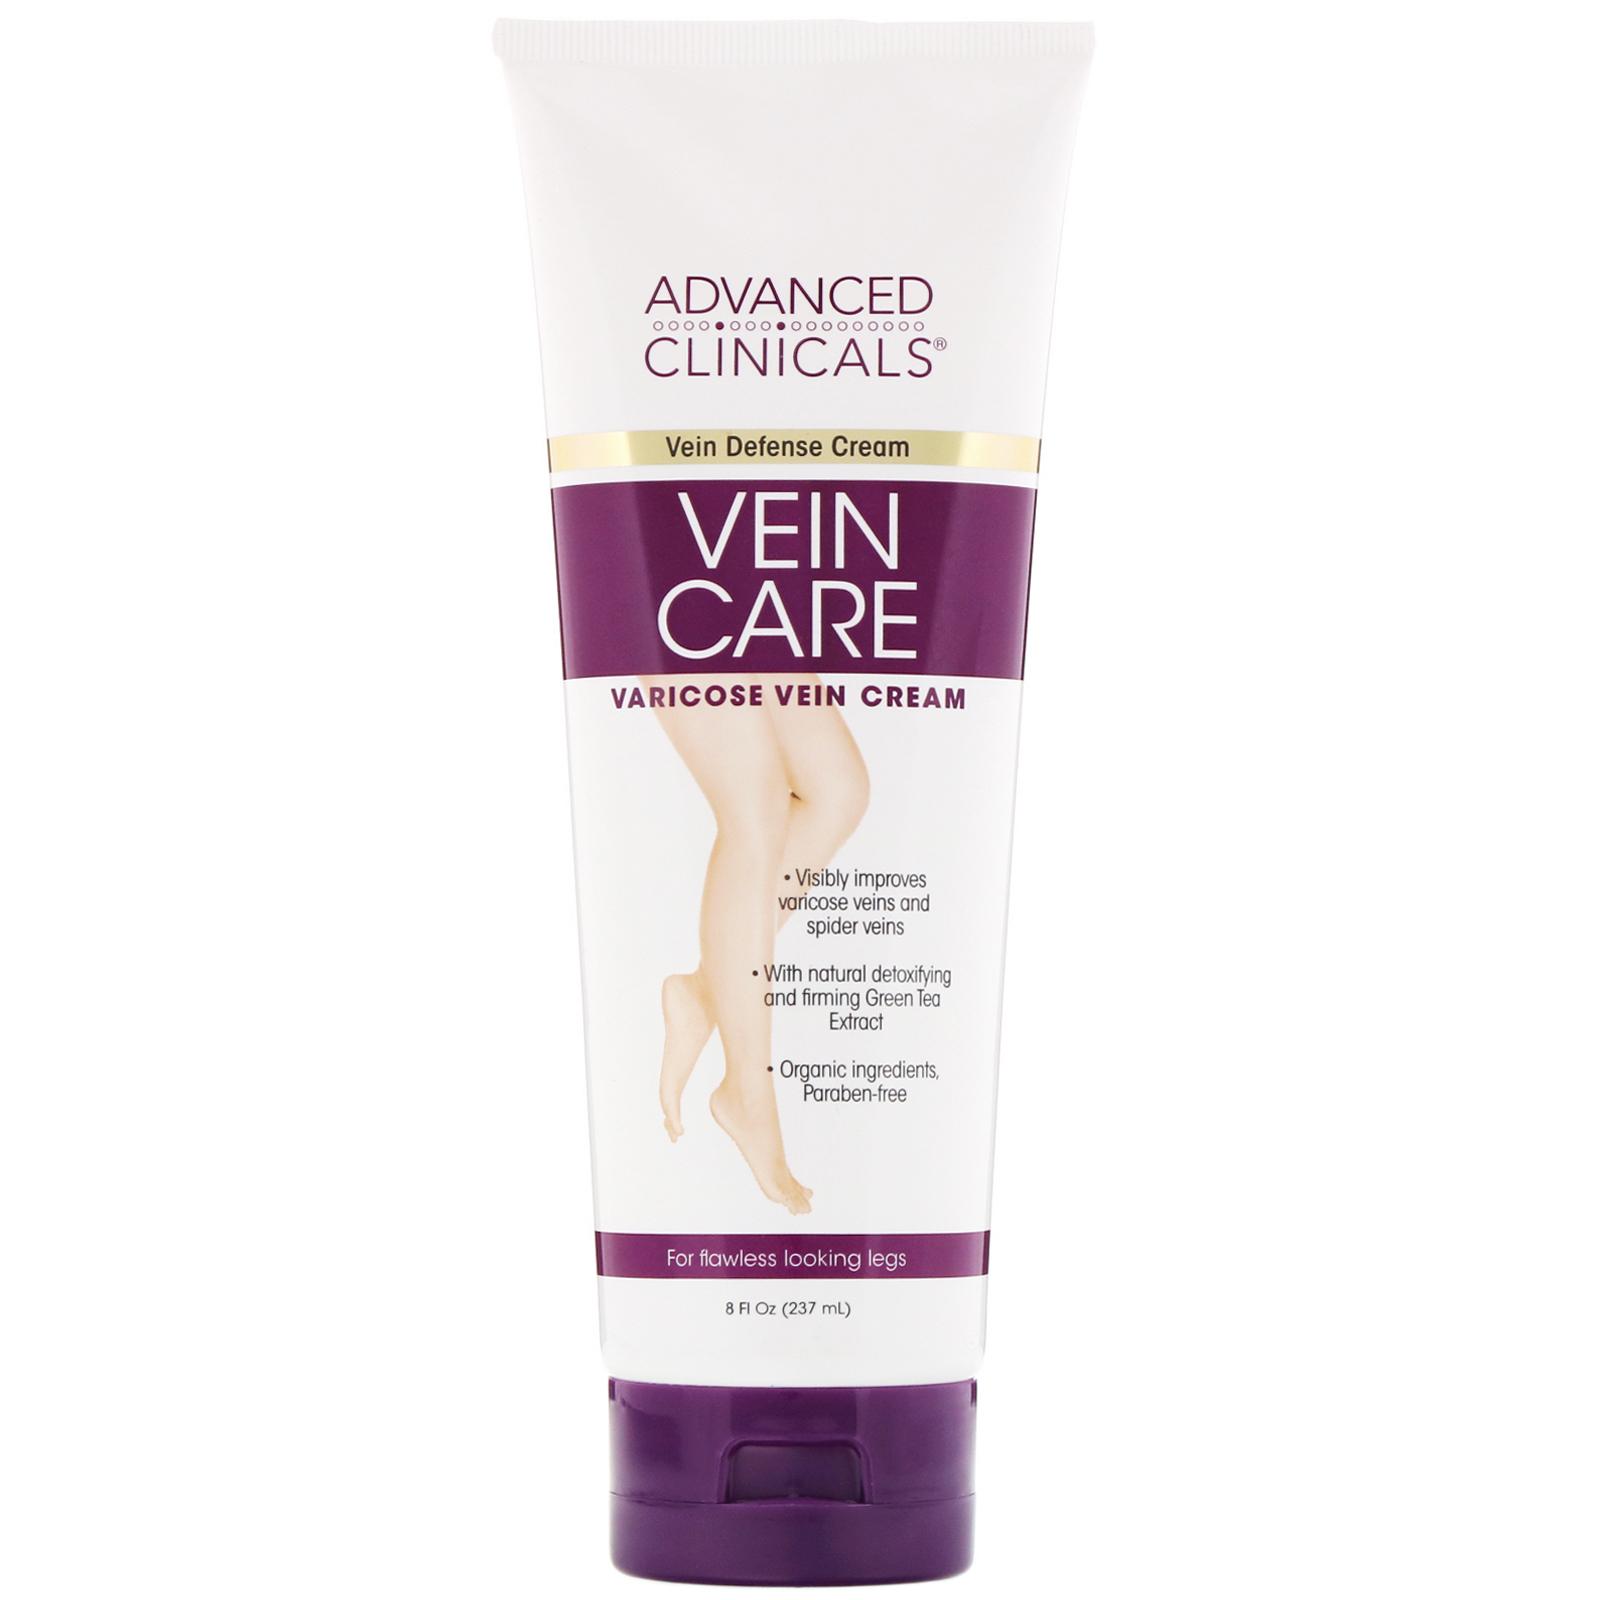 Advanced Clinicals, Vein Care, Varicose Vein Cream, 8 fl oz (237 ml) - iHerb